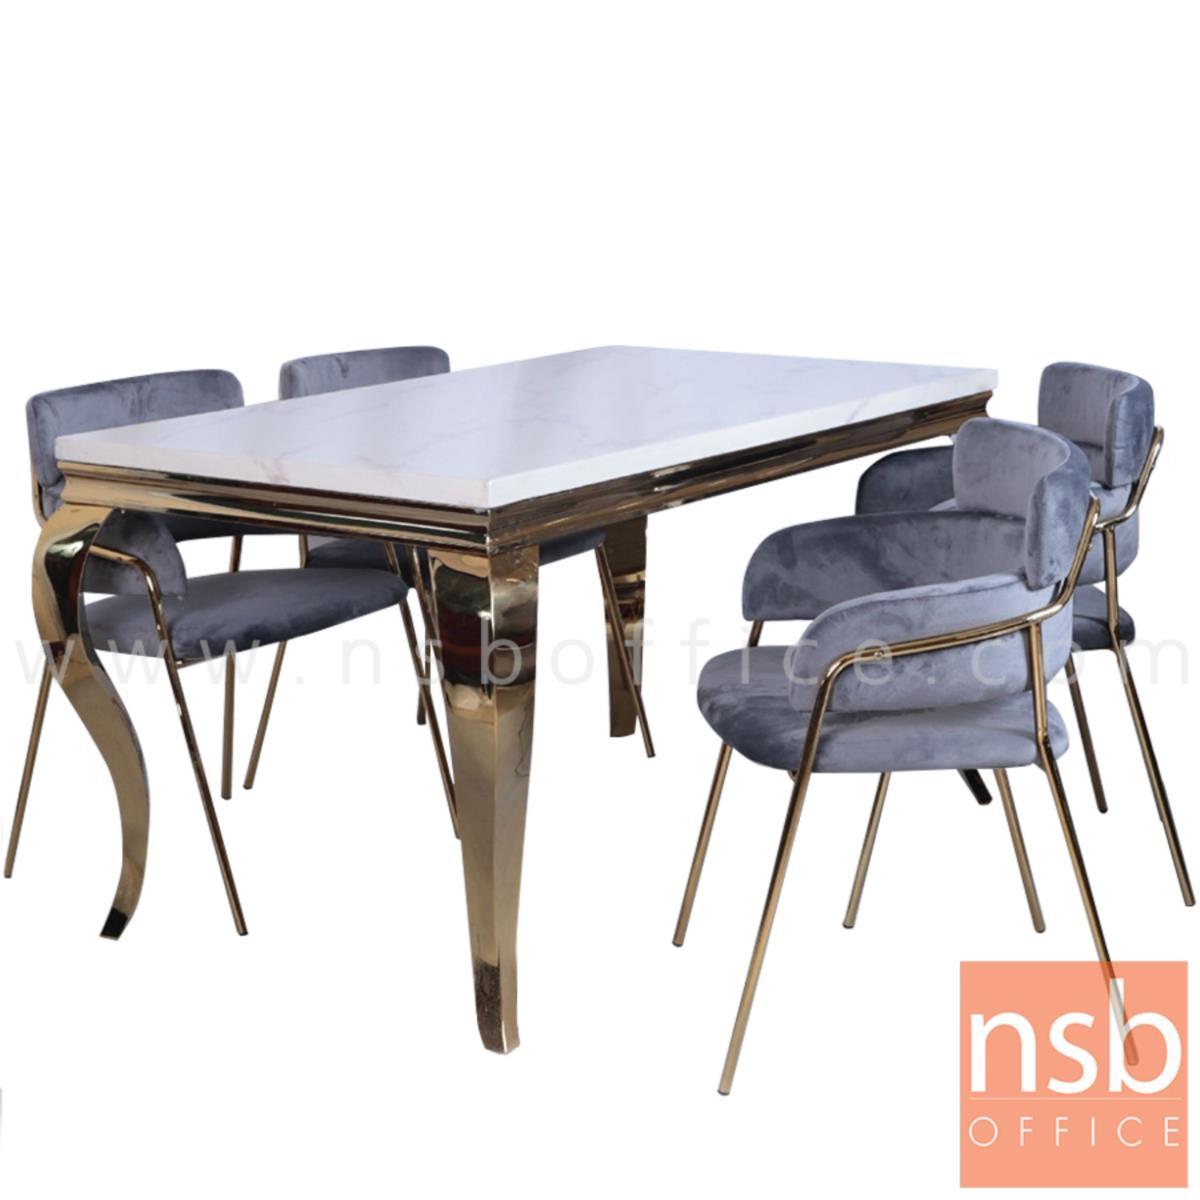 ชุดโต๊ะรับประทานอาหารหน้าหินอ่อน 4 ที่นั่ง รุ่น Hayward (เฮย์เวิร์ด) พร้อมเก้าอี้เบาะหุ้มผ้า ขาเหล็ก